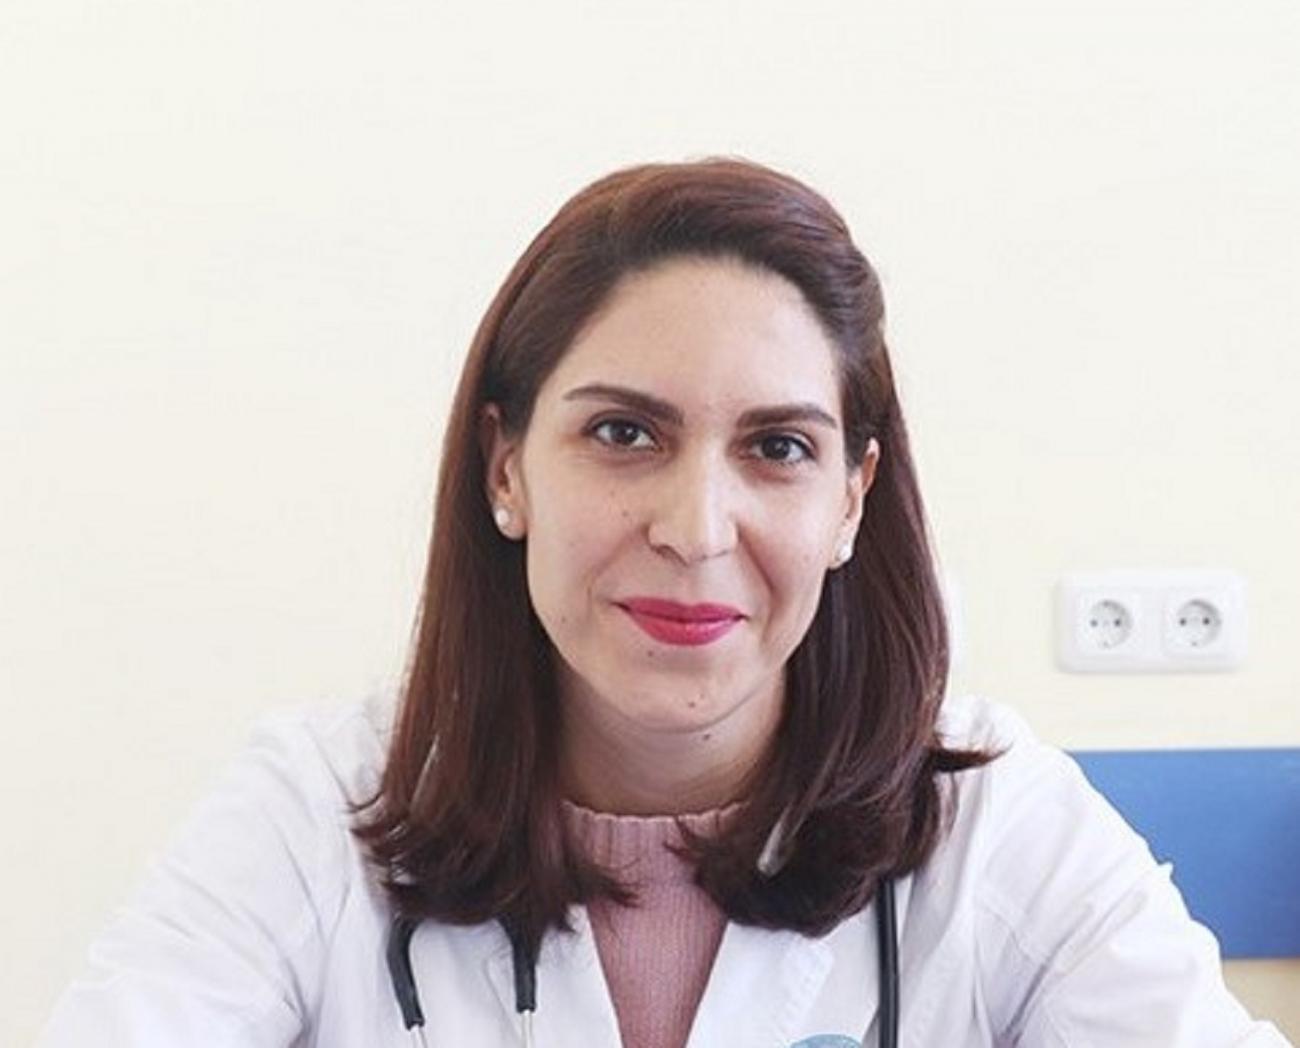 Համալսարանական բժիշկը էխոսրտագրության նորագույն և առաջադեմ մեթոդների ուղղությամբ վերապատրաստվել է Եվրոպայում